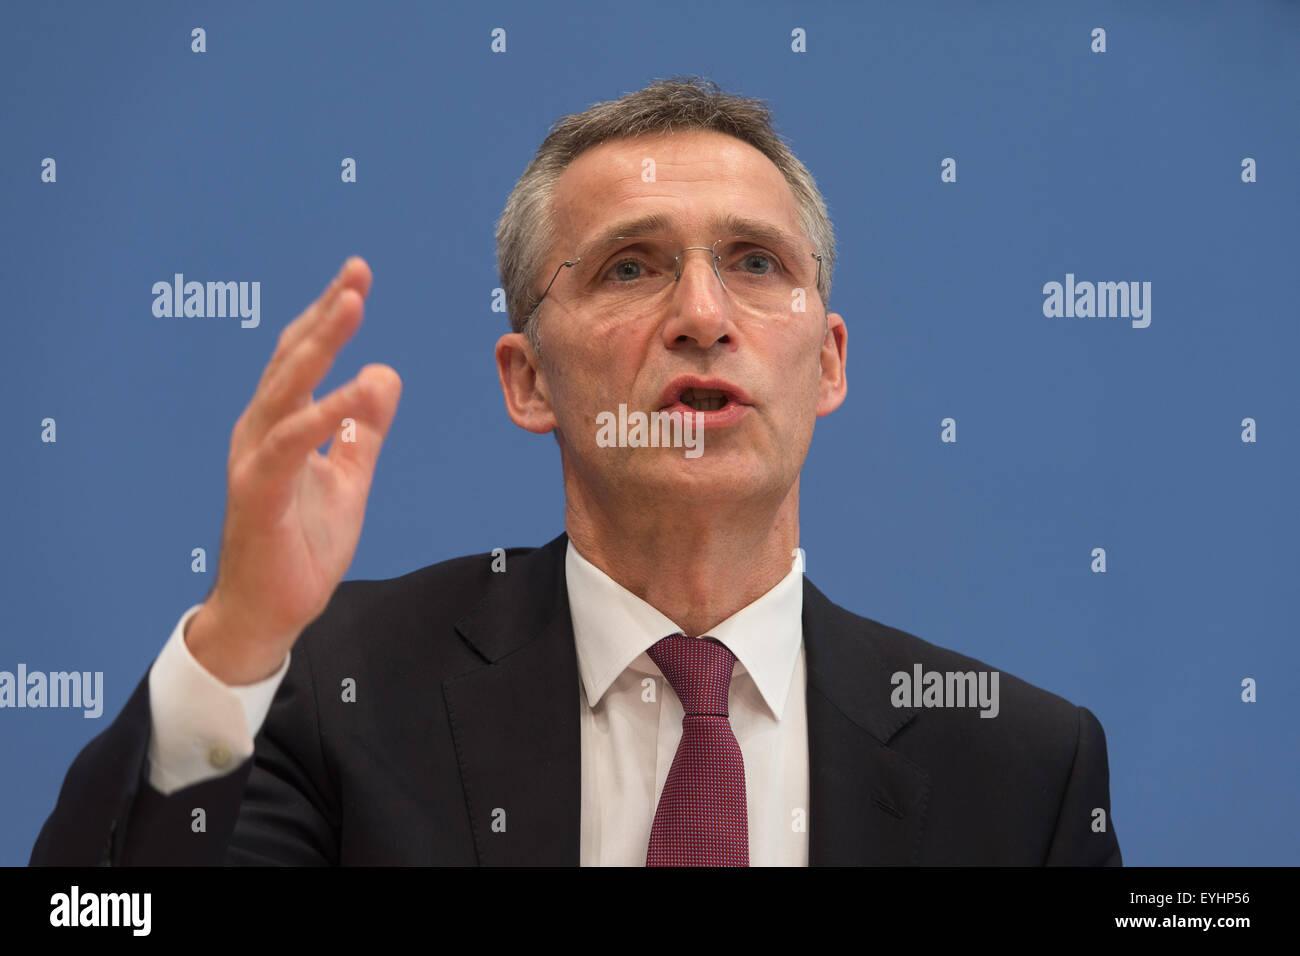 Berlin, Germany, Jens Stoltenberg, Ap, NATO Secretary General Stock Photo